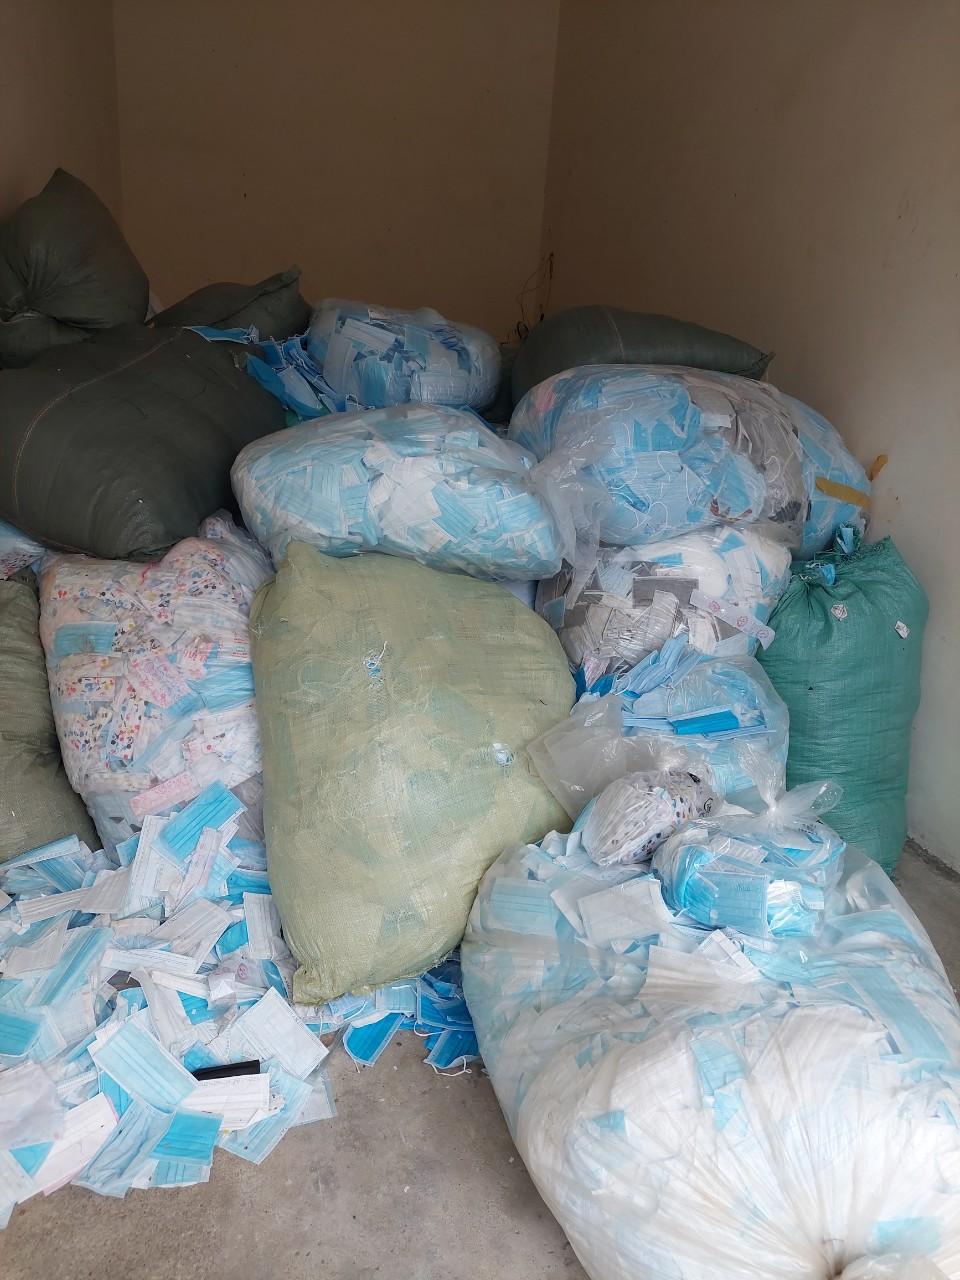 Kinh hoàng hơn 1 tấn khẩu trang thu gom từ TP Hồ Chí Minh được tái chế để tiêu thụ - Ảnh 3.